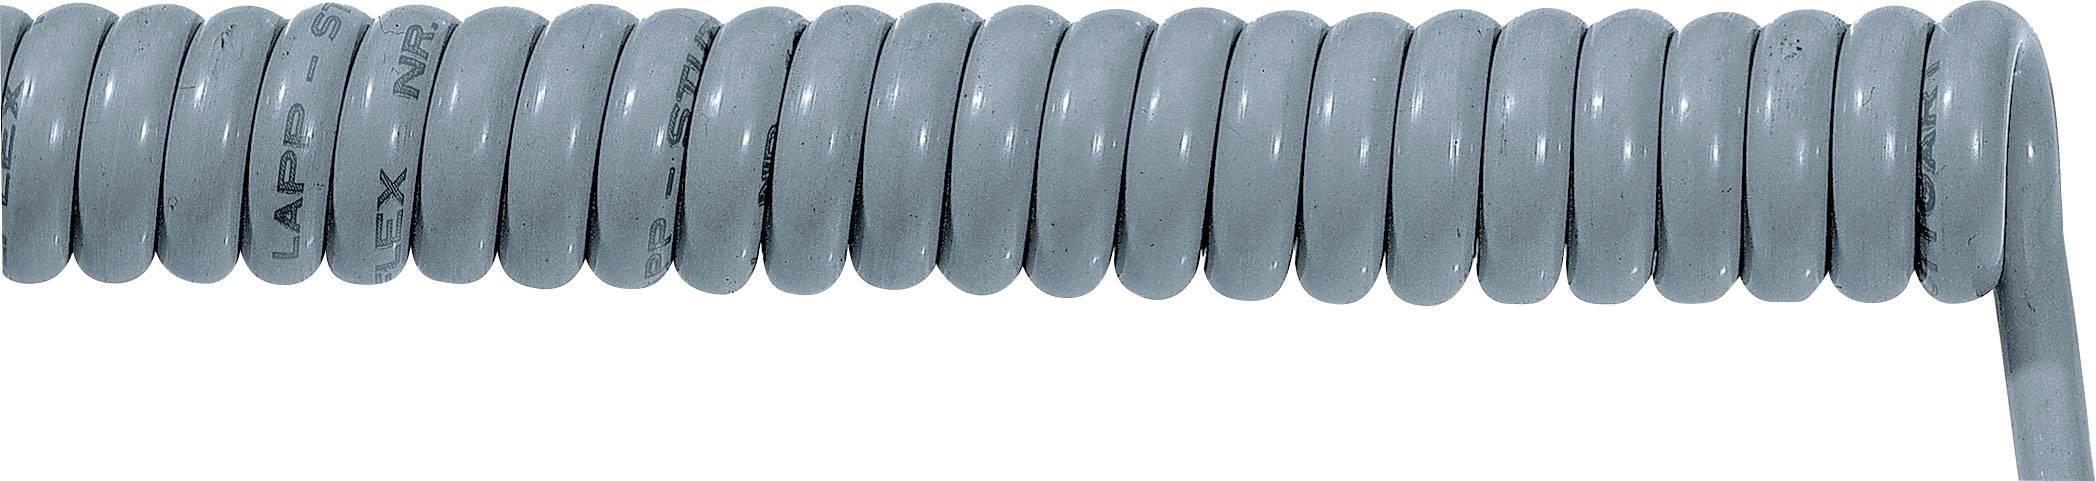 Špirálový kábel 70002652 ÖLFLEX® SPIRAL 400 P 3 x 1 mm², 1000 mm / 3000 mm, sivá